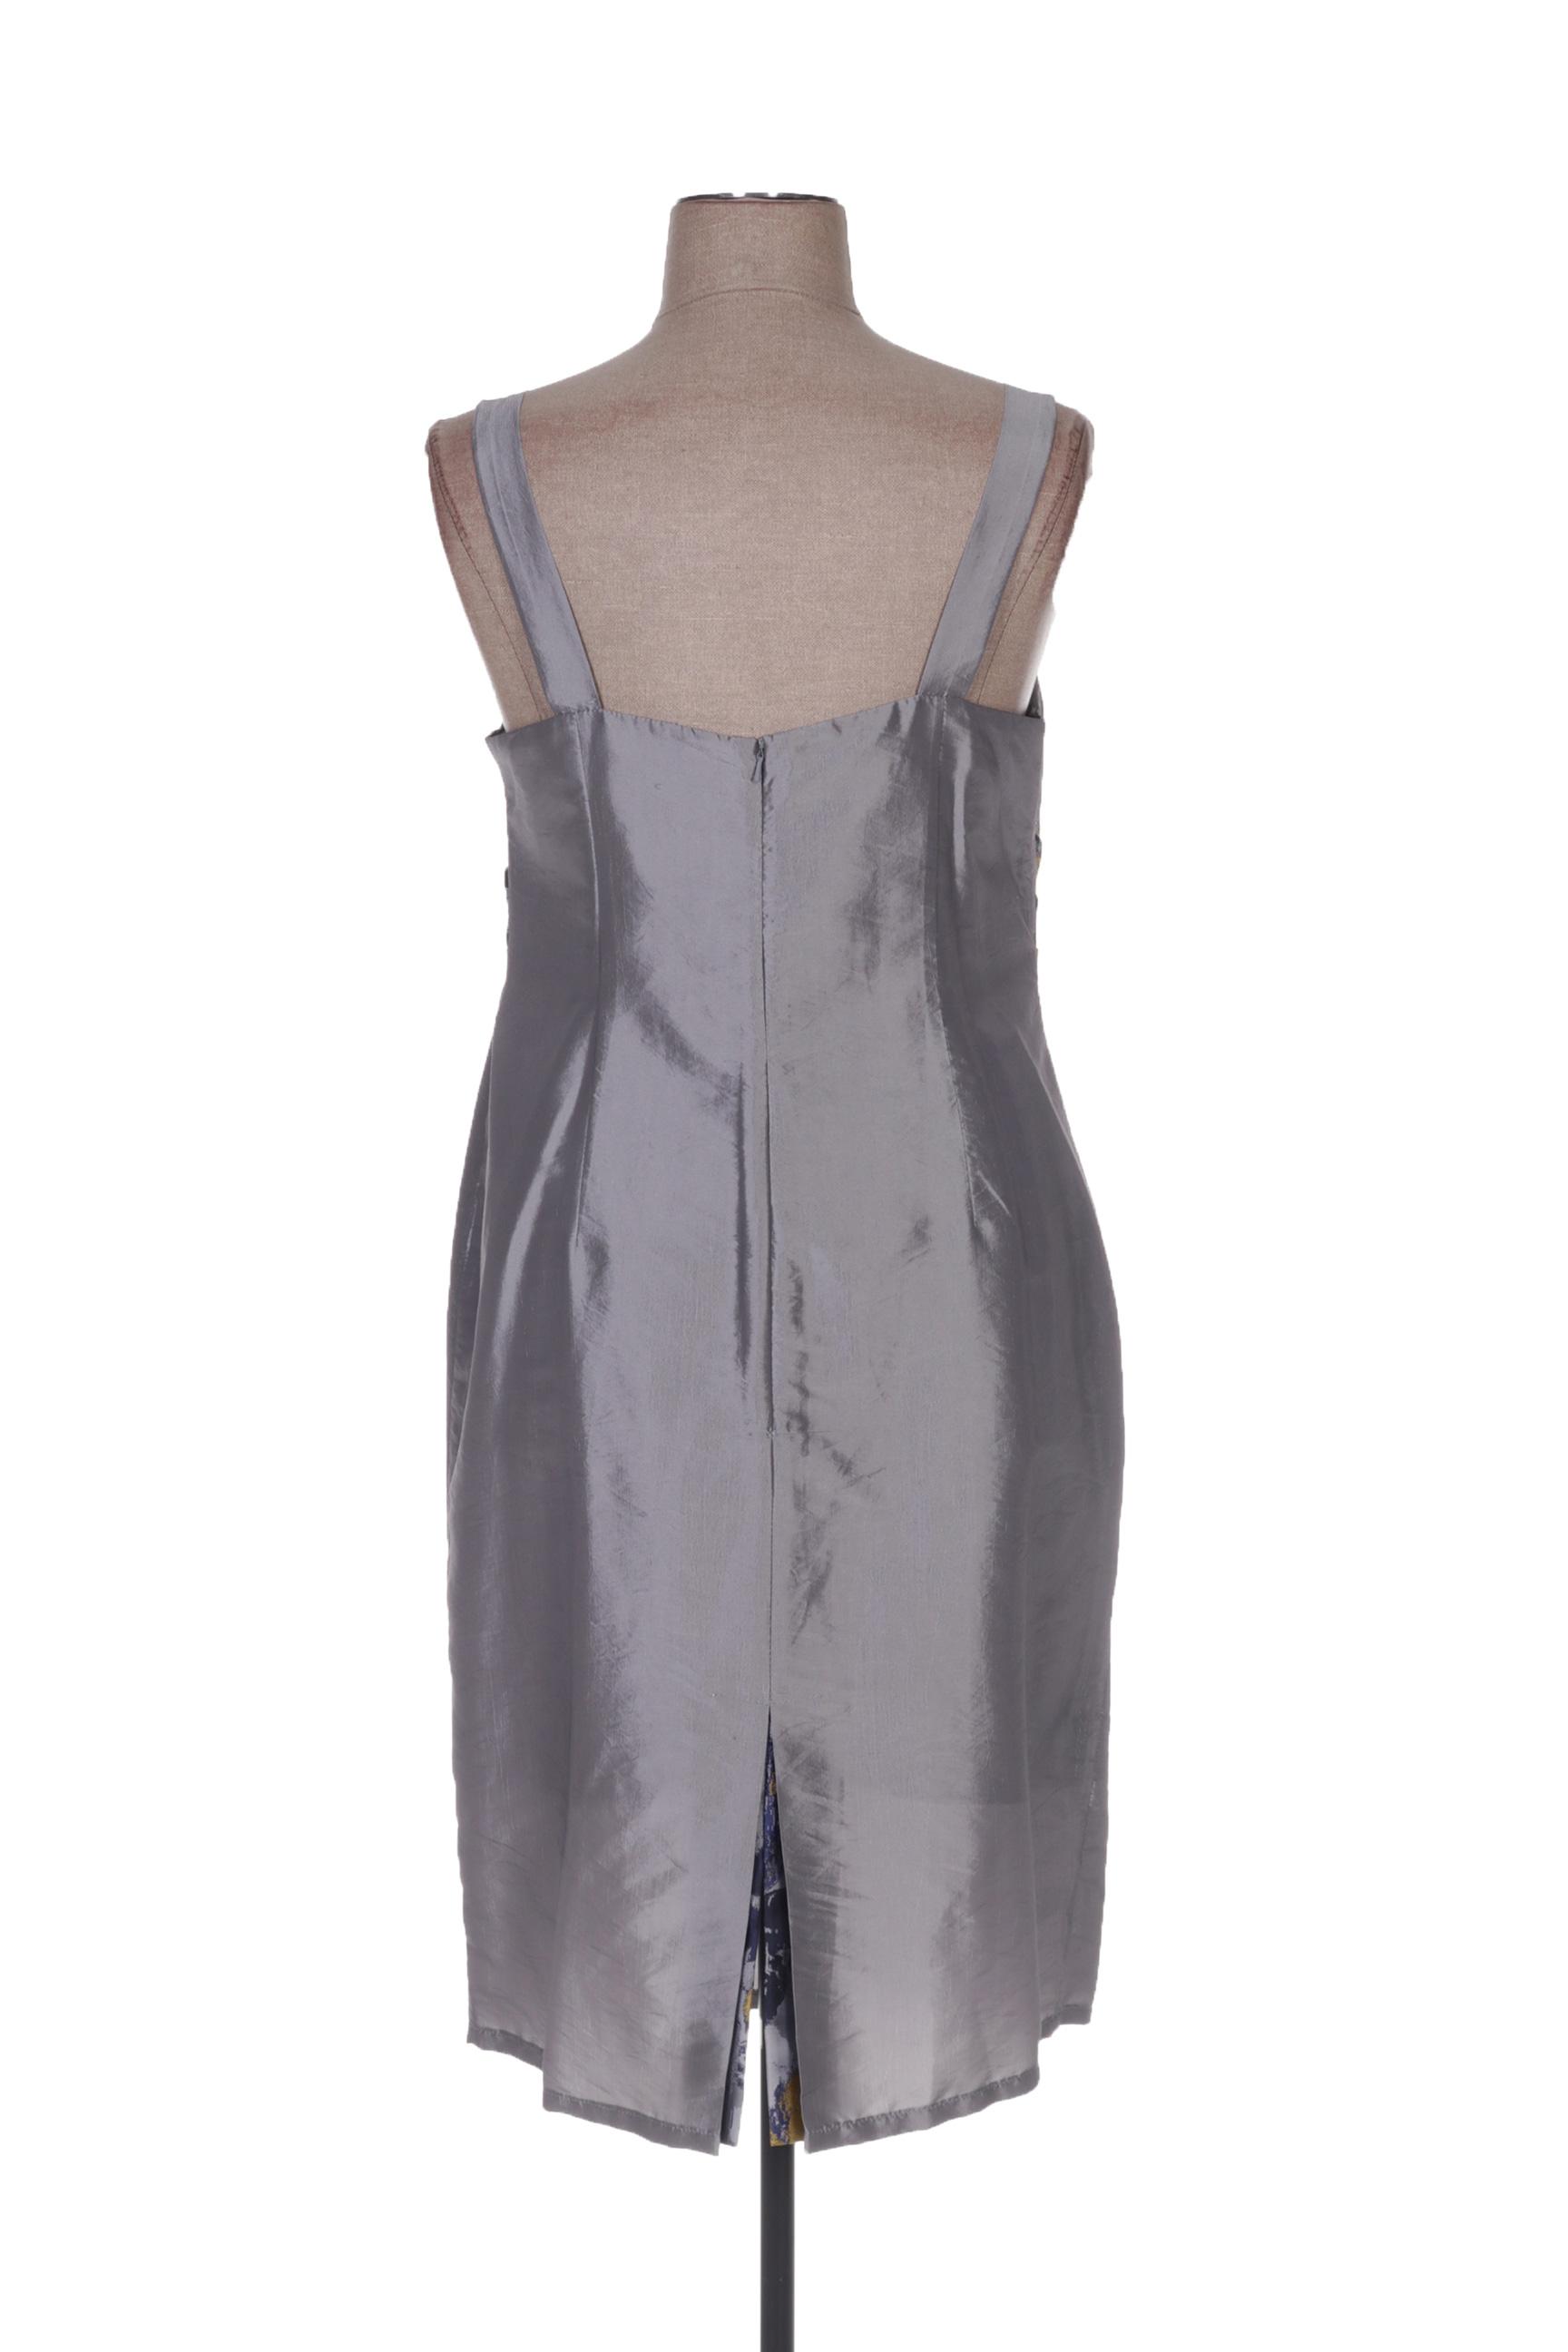 Deelle Boutique Robes Mi Longues Femme De Couleur Gris En Soldes Pas Cher 1426732-gris00